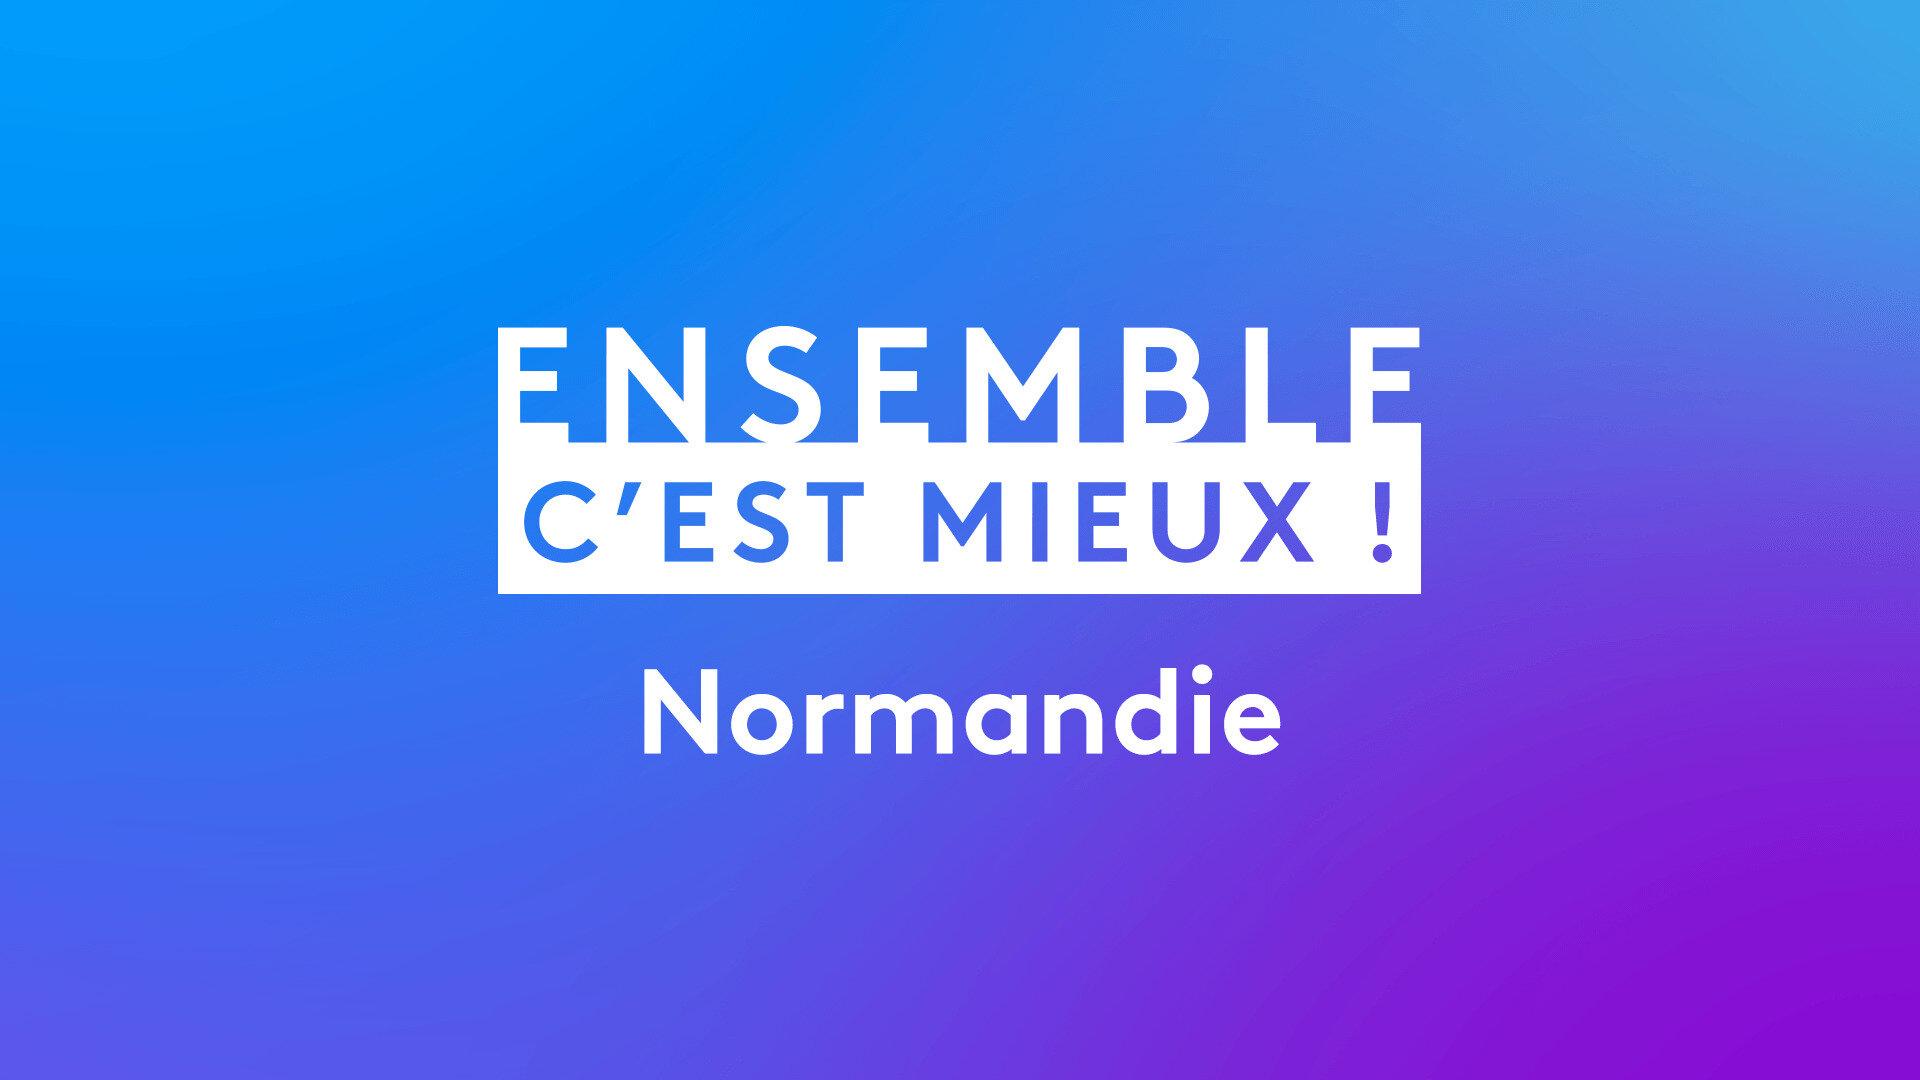 Ensemble c'est mieux ! Normandie : Traditions culinaires, culture et sports